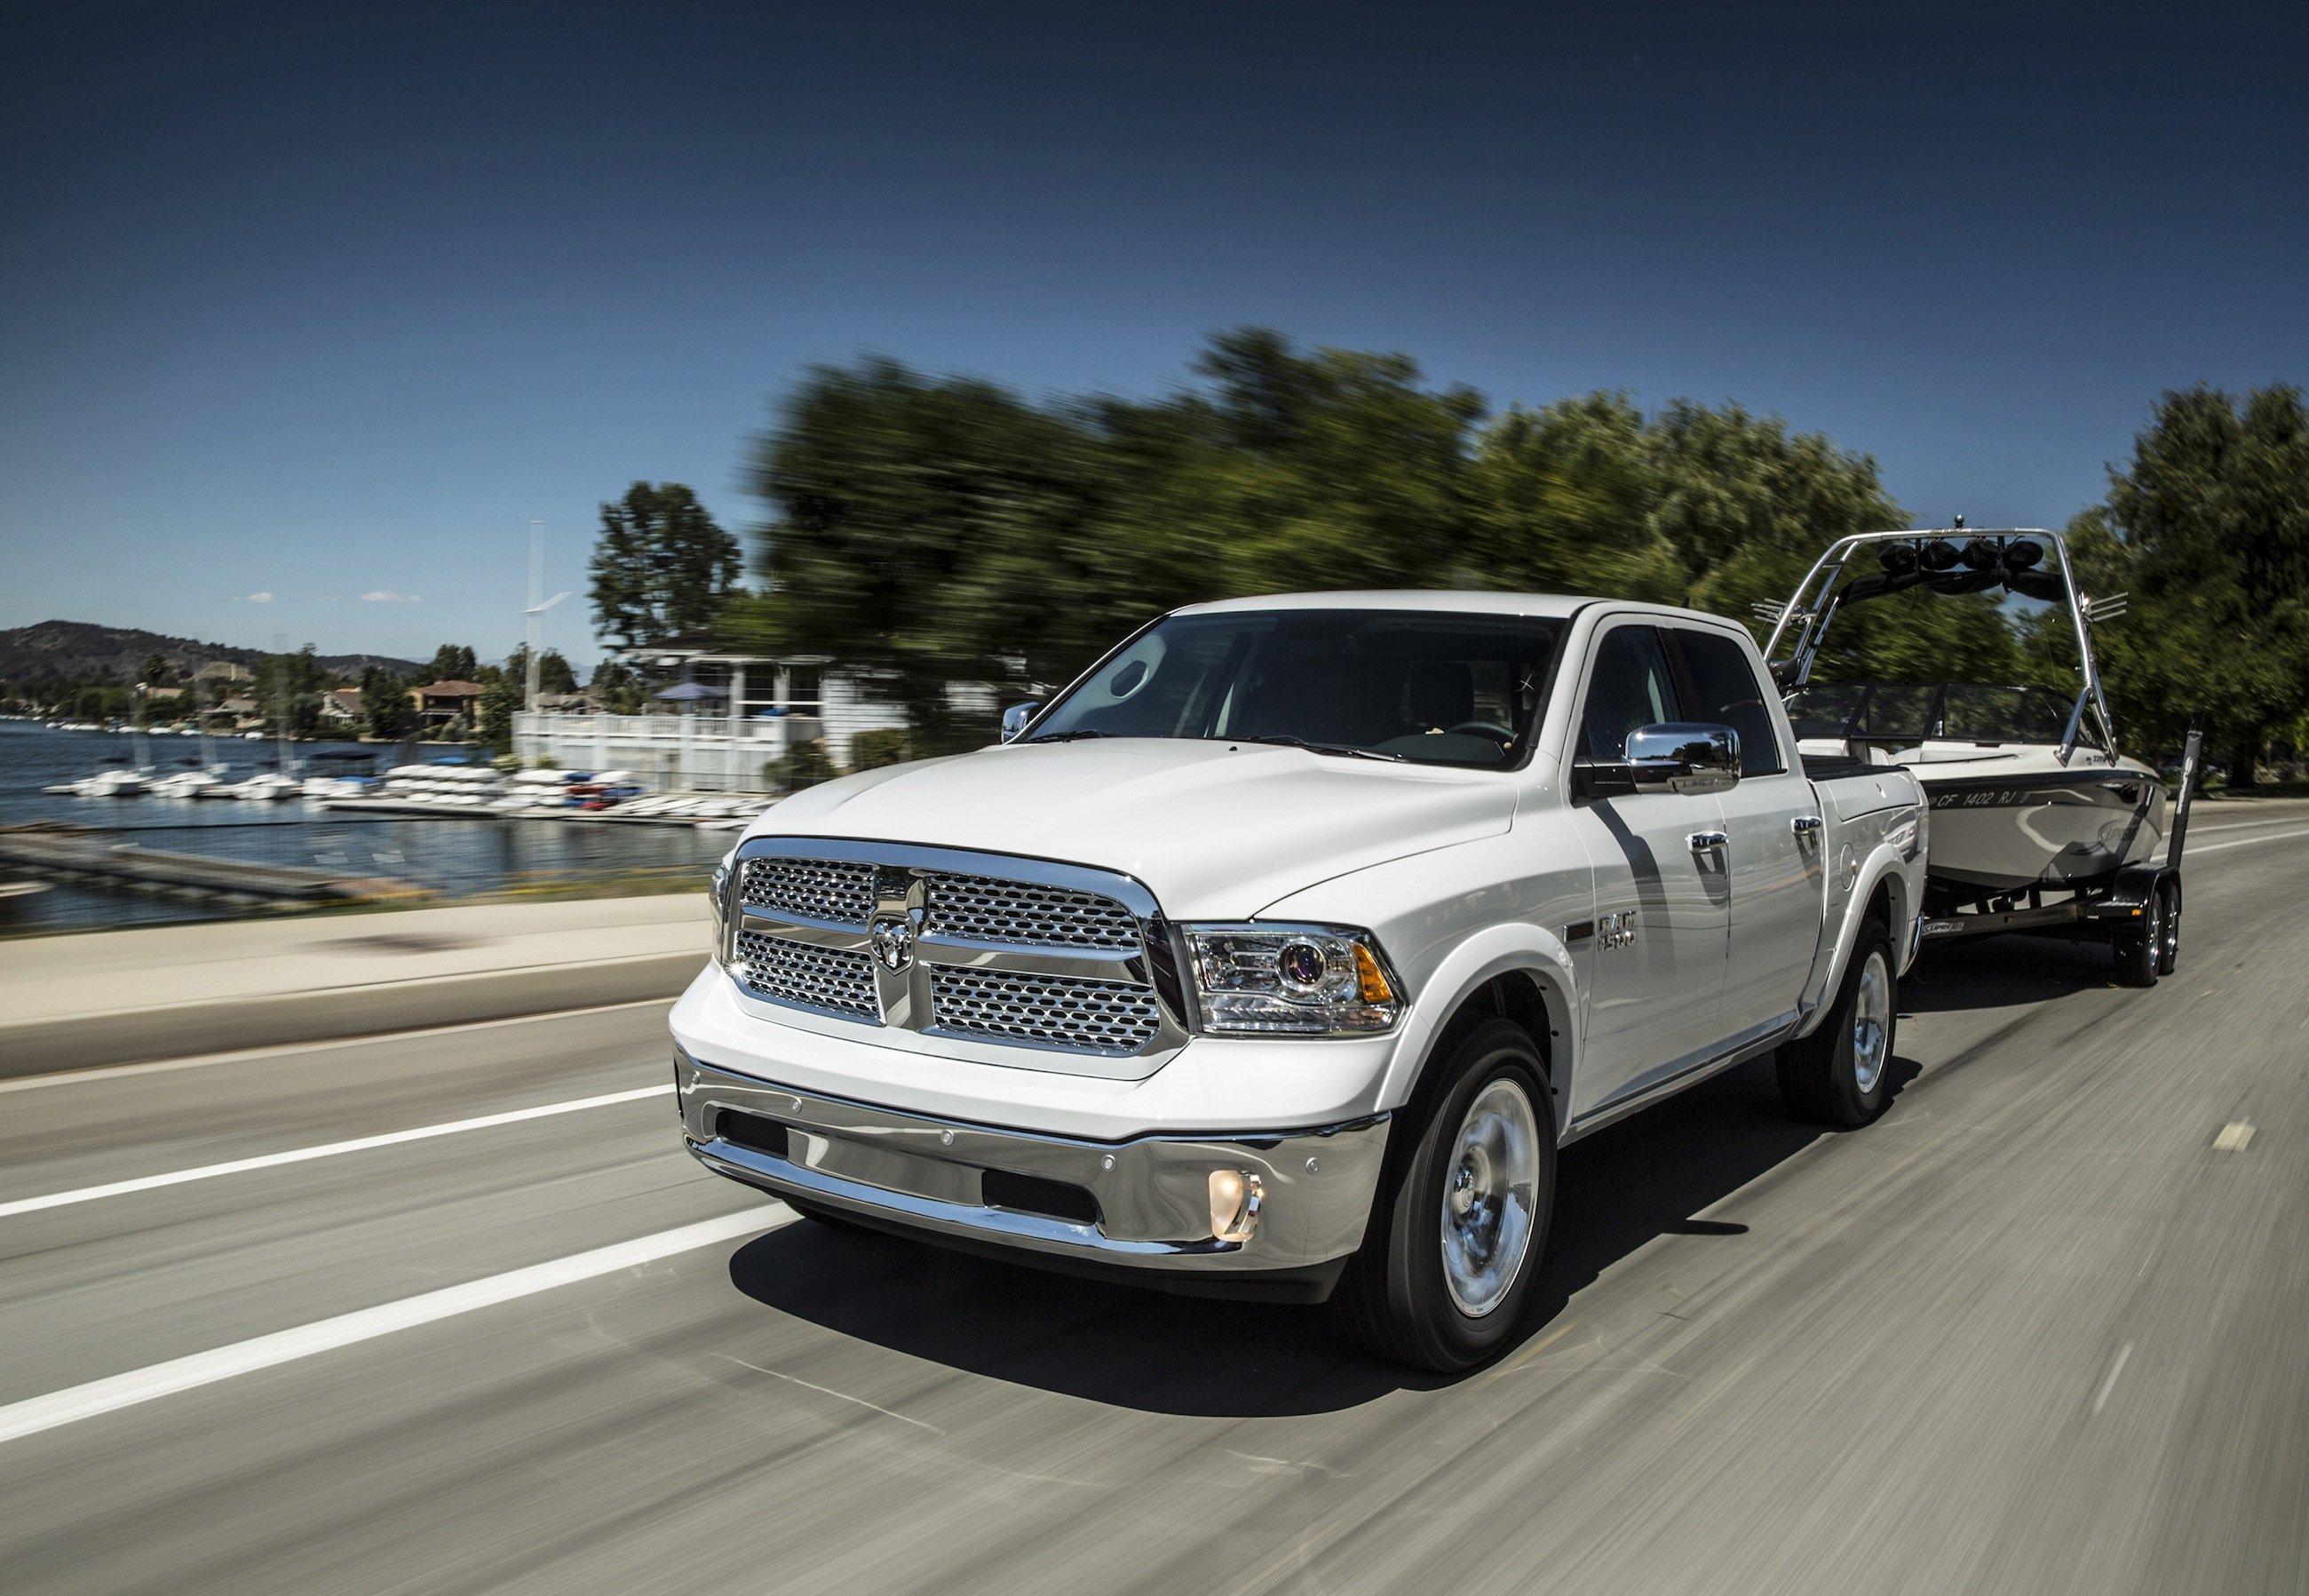 Pick-Up-Truck Dodge Ram: Fiat Chrysler kauft nach einer erfolglosen Reparaturwelle hunderttausende Fahrzeuge wegen Probleme mit der Lenkung zurück.